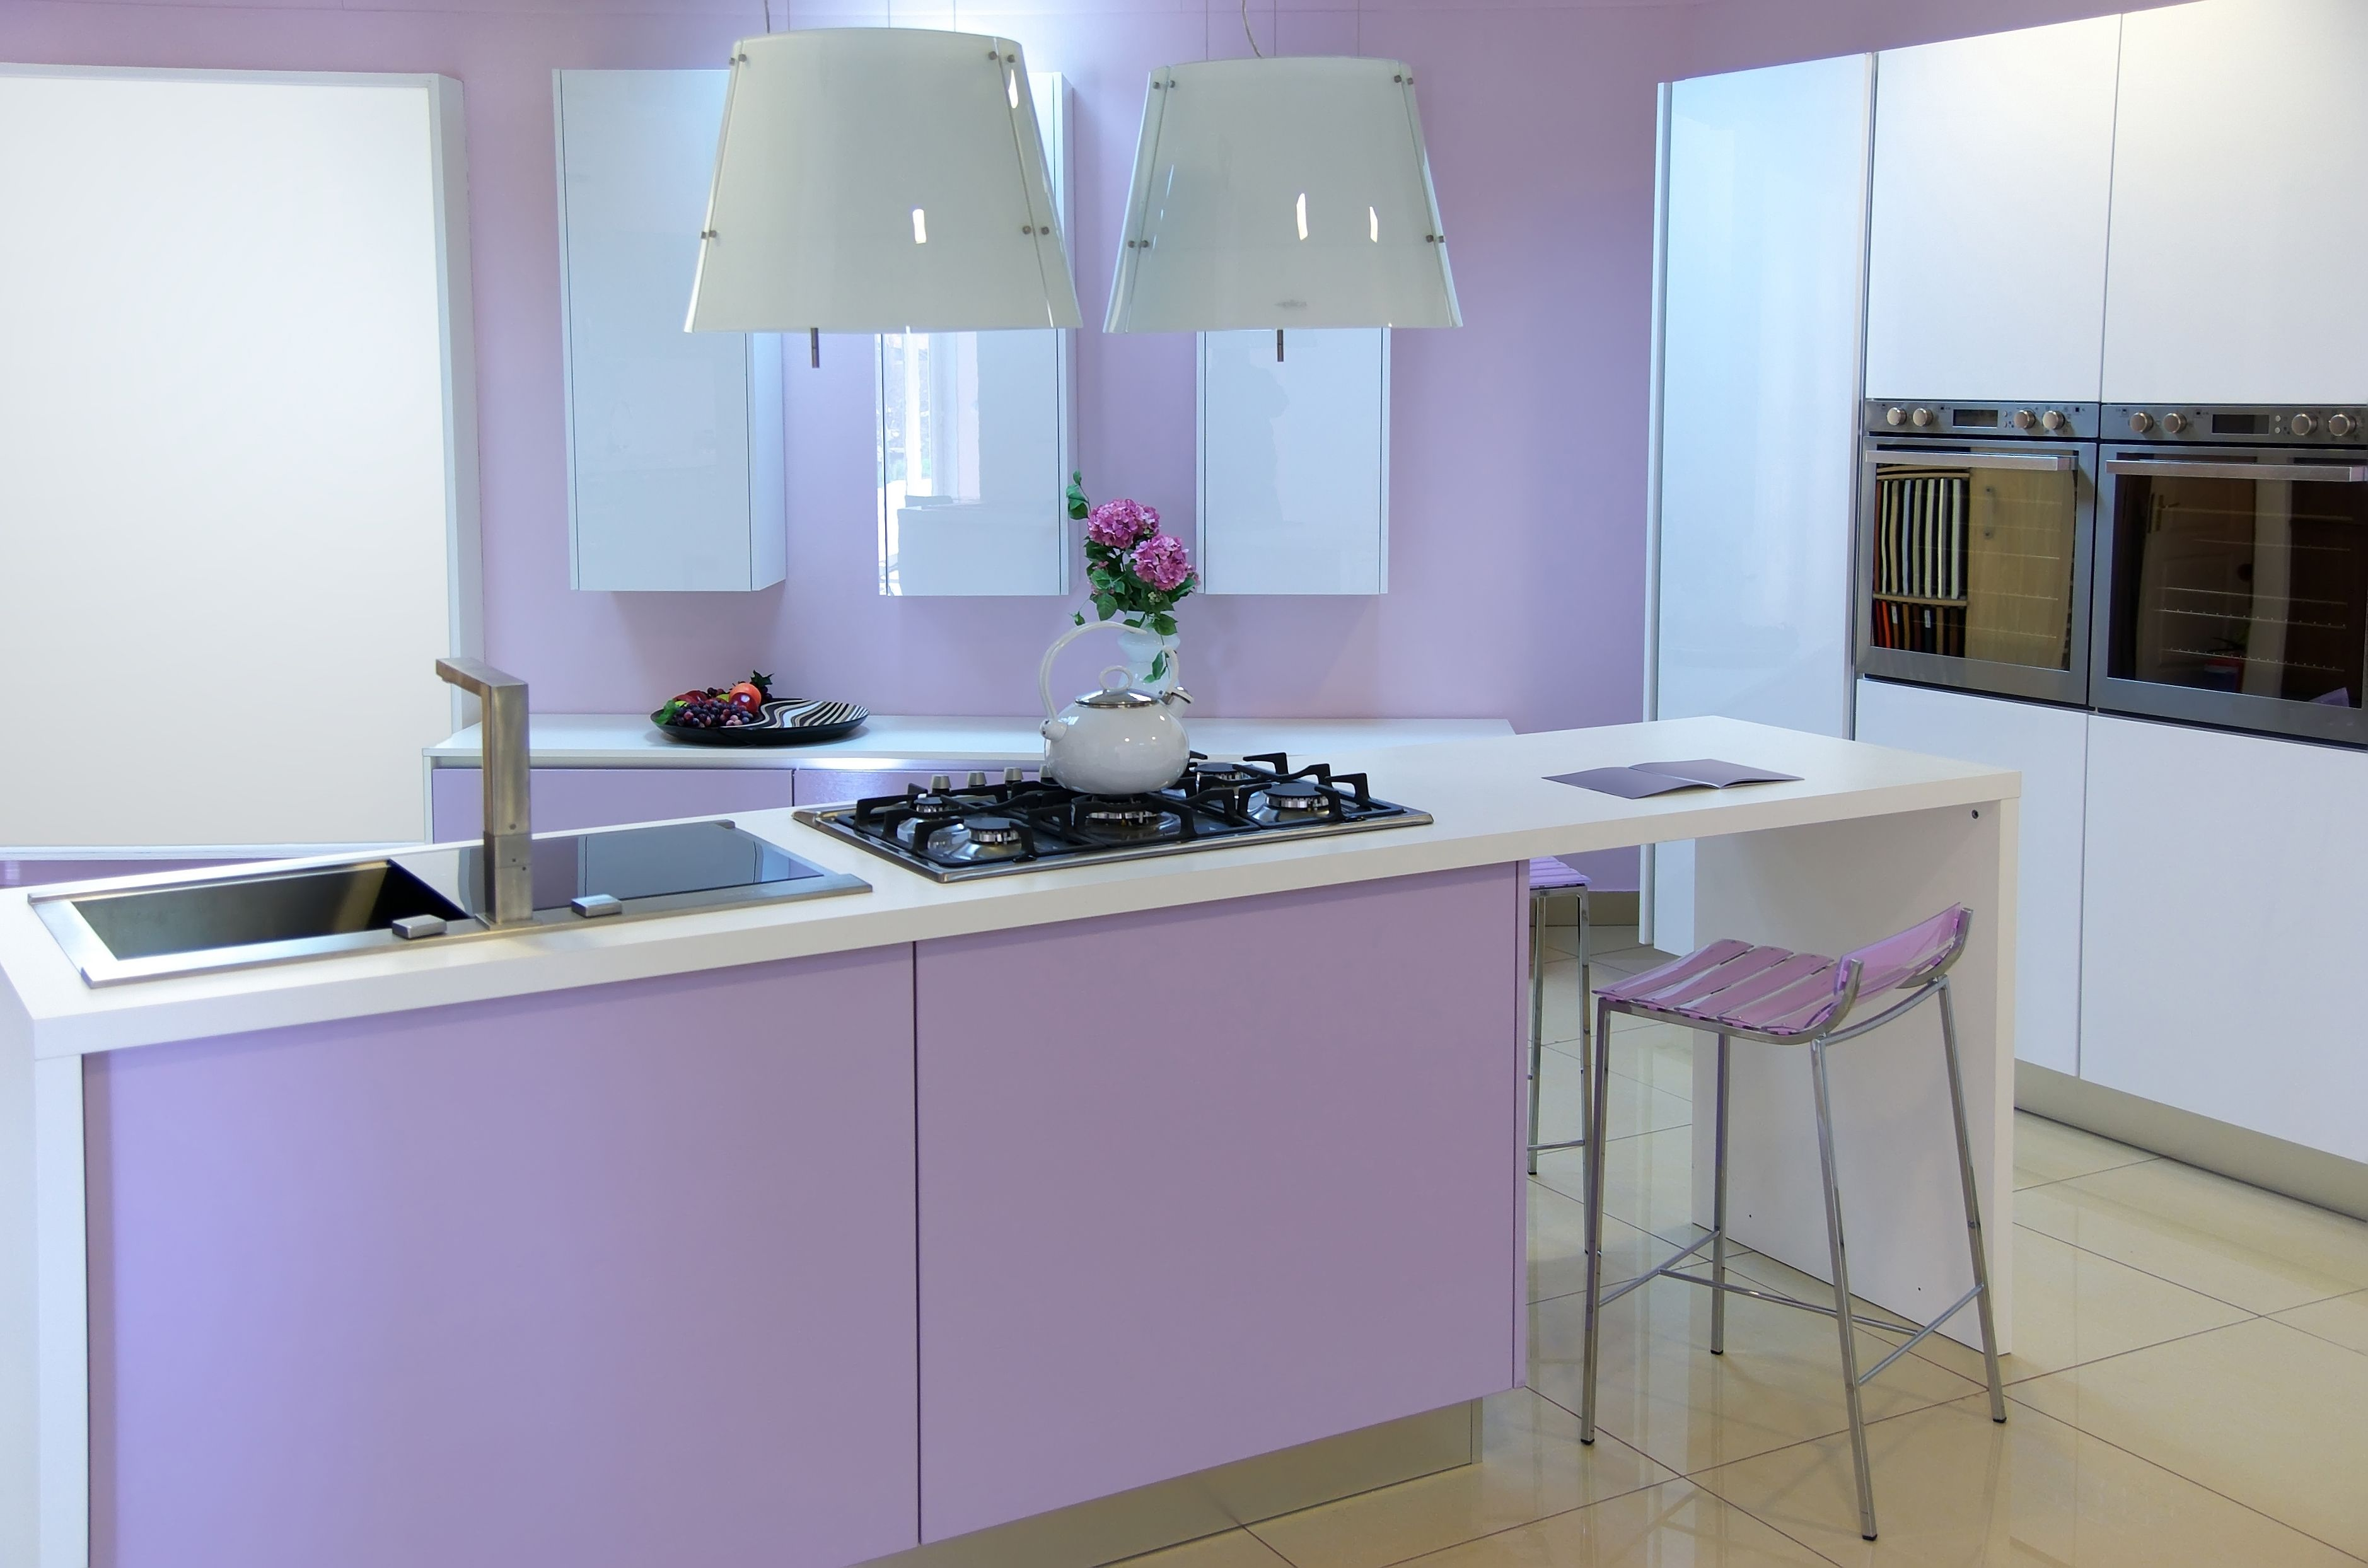 Küche interieur farbschemata  unglaubliche bilder von lila küchen bild inspirationen